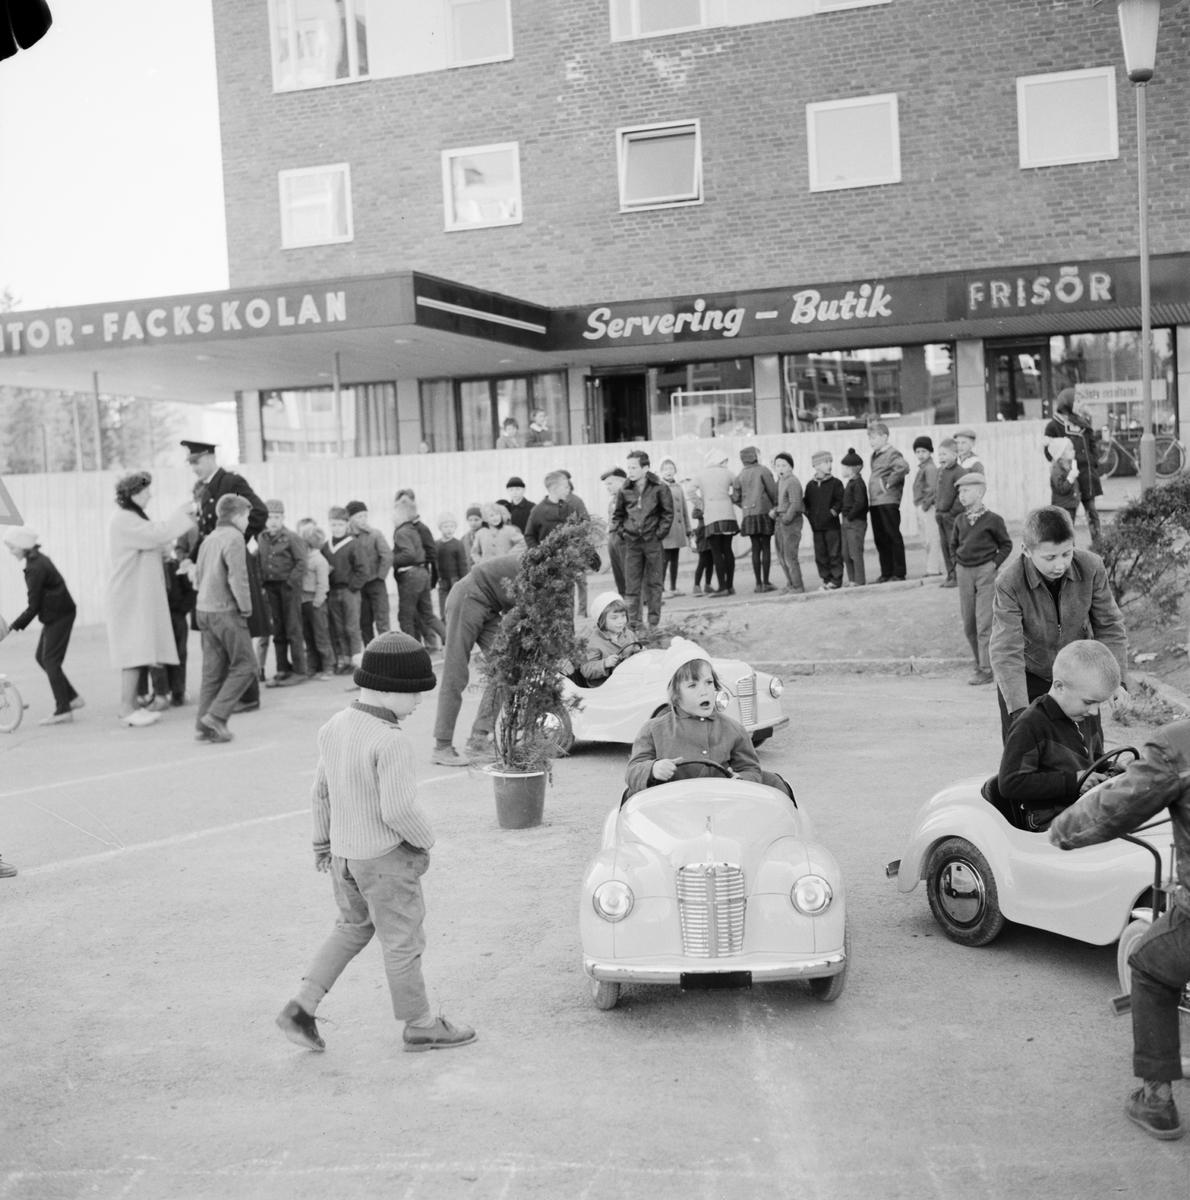 Trafiklekskola, Uppsala, 1961